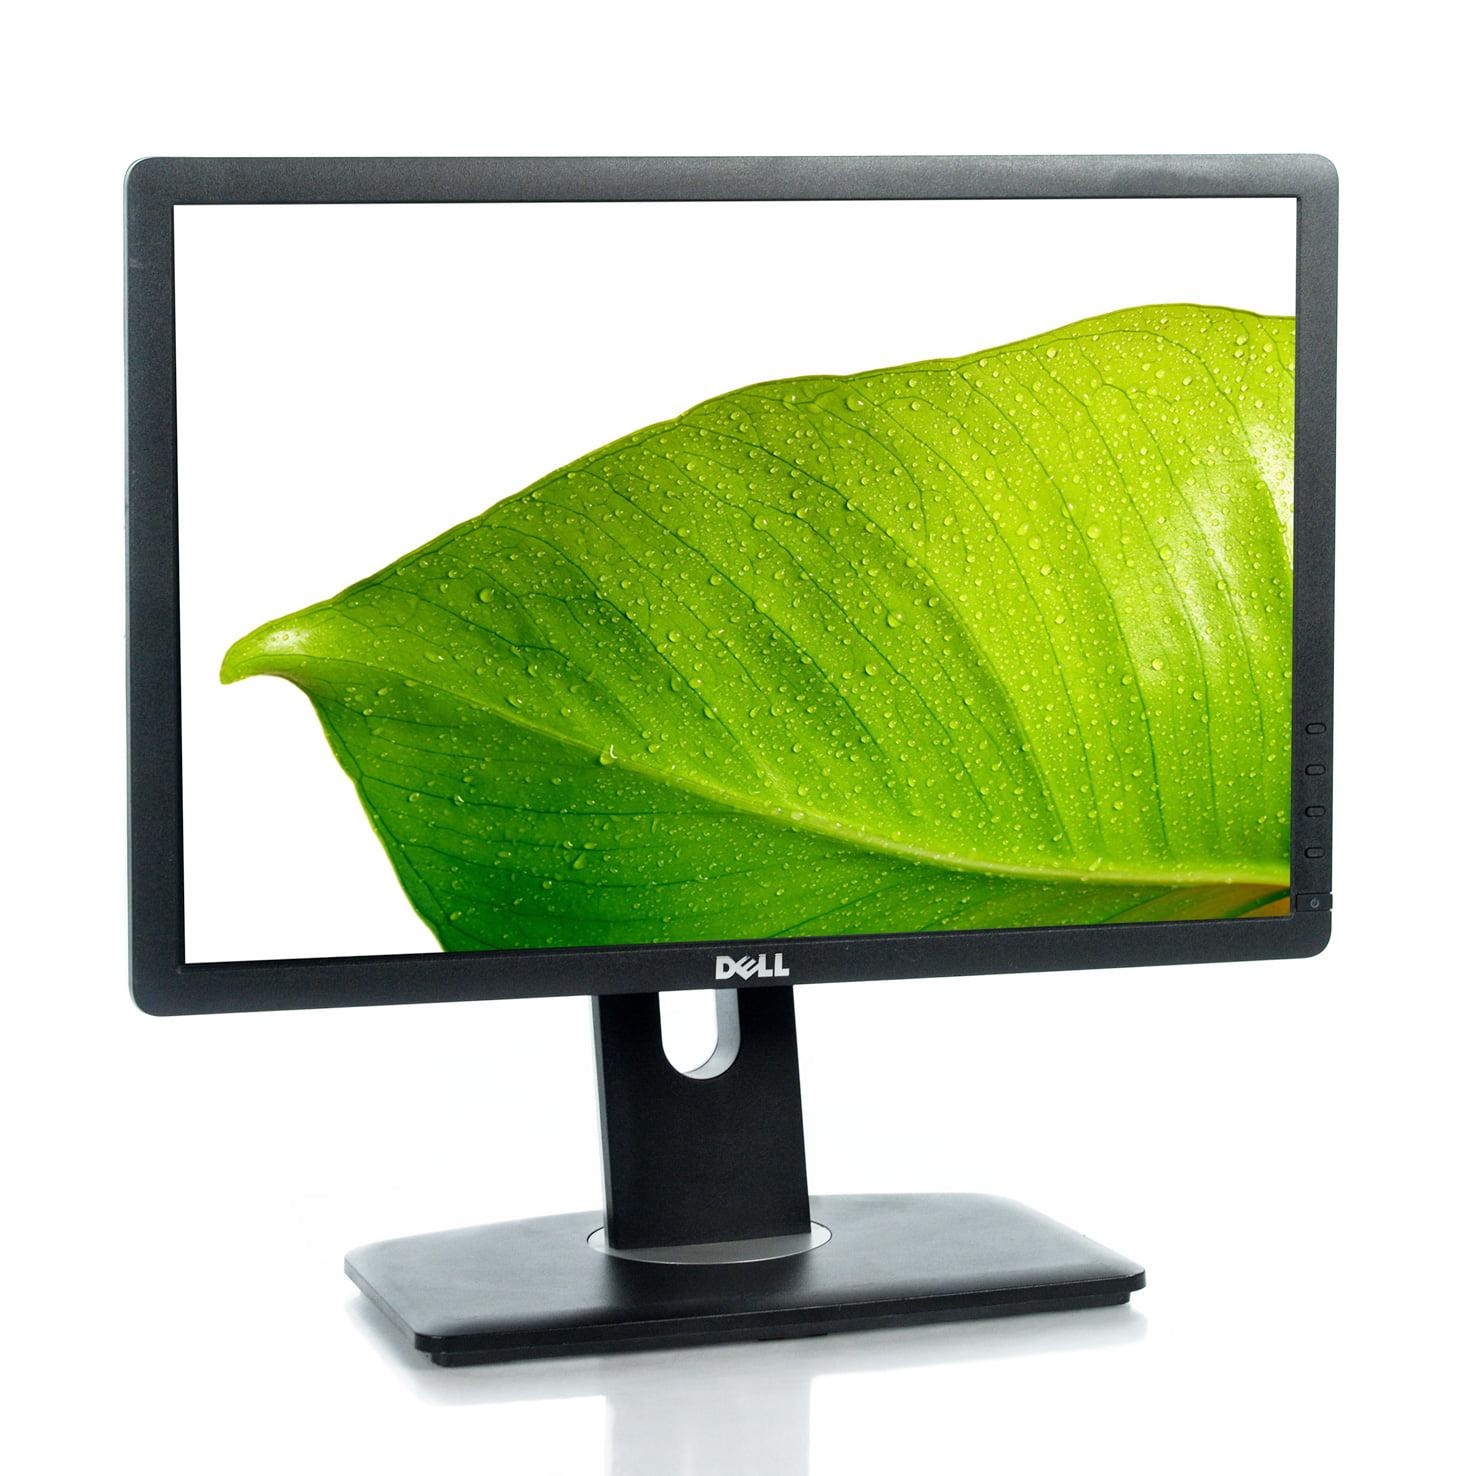 """Refurbished Dell Professional P1913 19"""" 1440x900 16:10 LED LCD Monitor DP DVI VGA Grade A"""